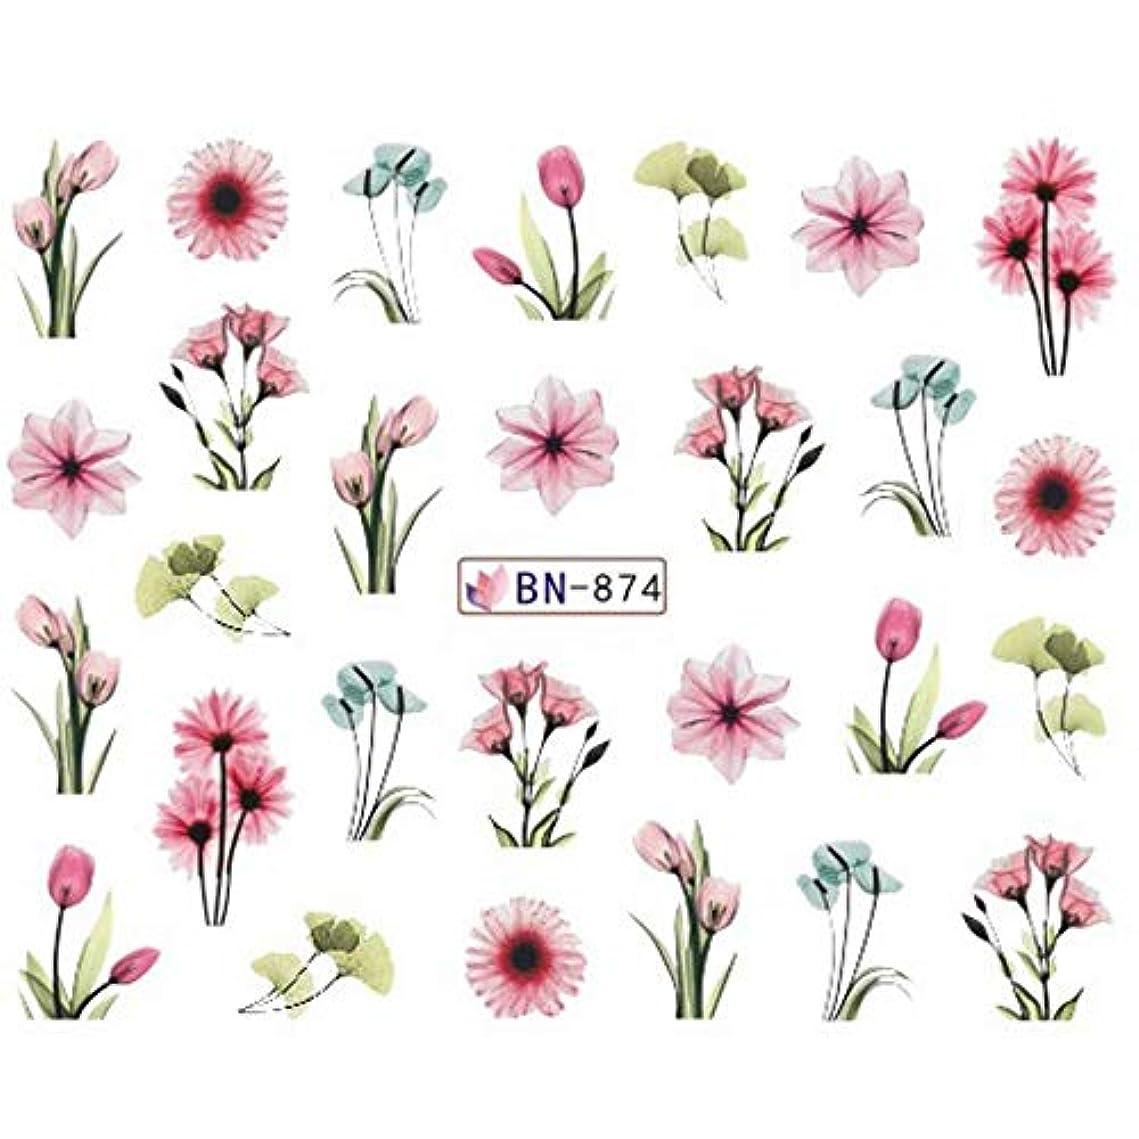 最後に発表法律によりAAcreatspace日本のマニキュアステッカーDIYネイルアートネイルステッカーファッション印刷ネイルペーパーネイルアートデコレーションDIYネイルツール